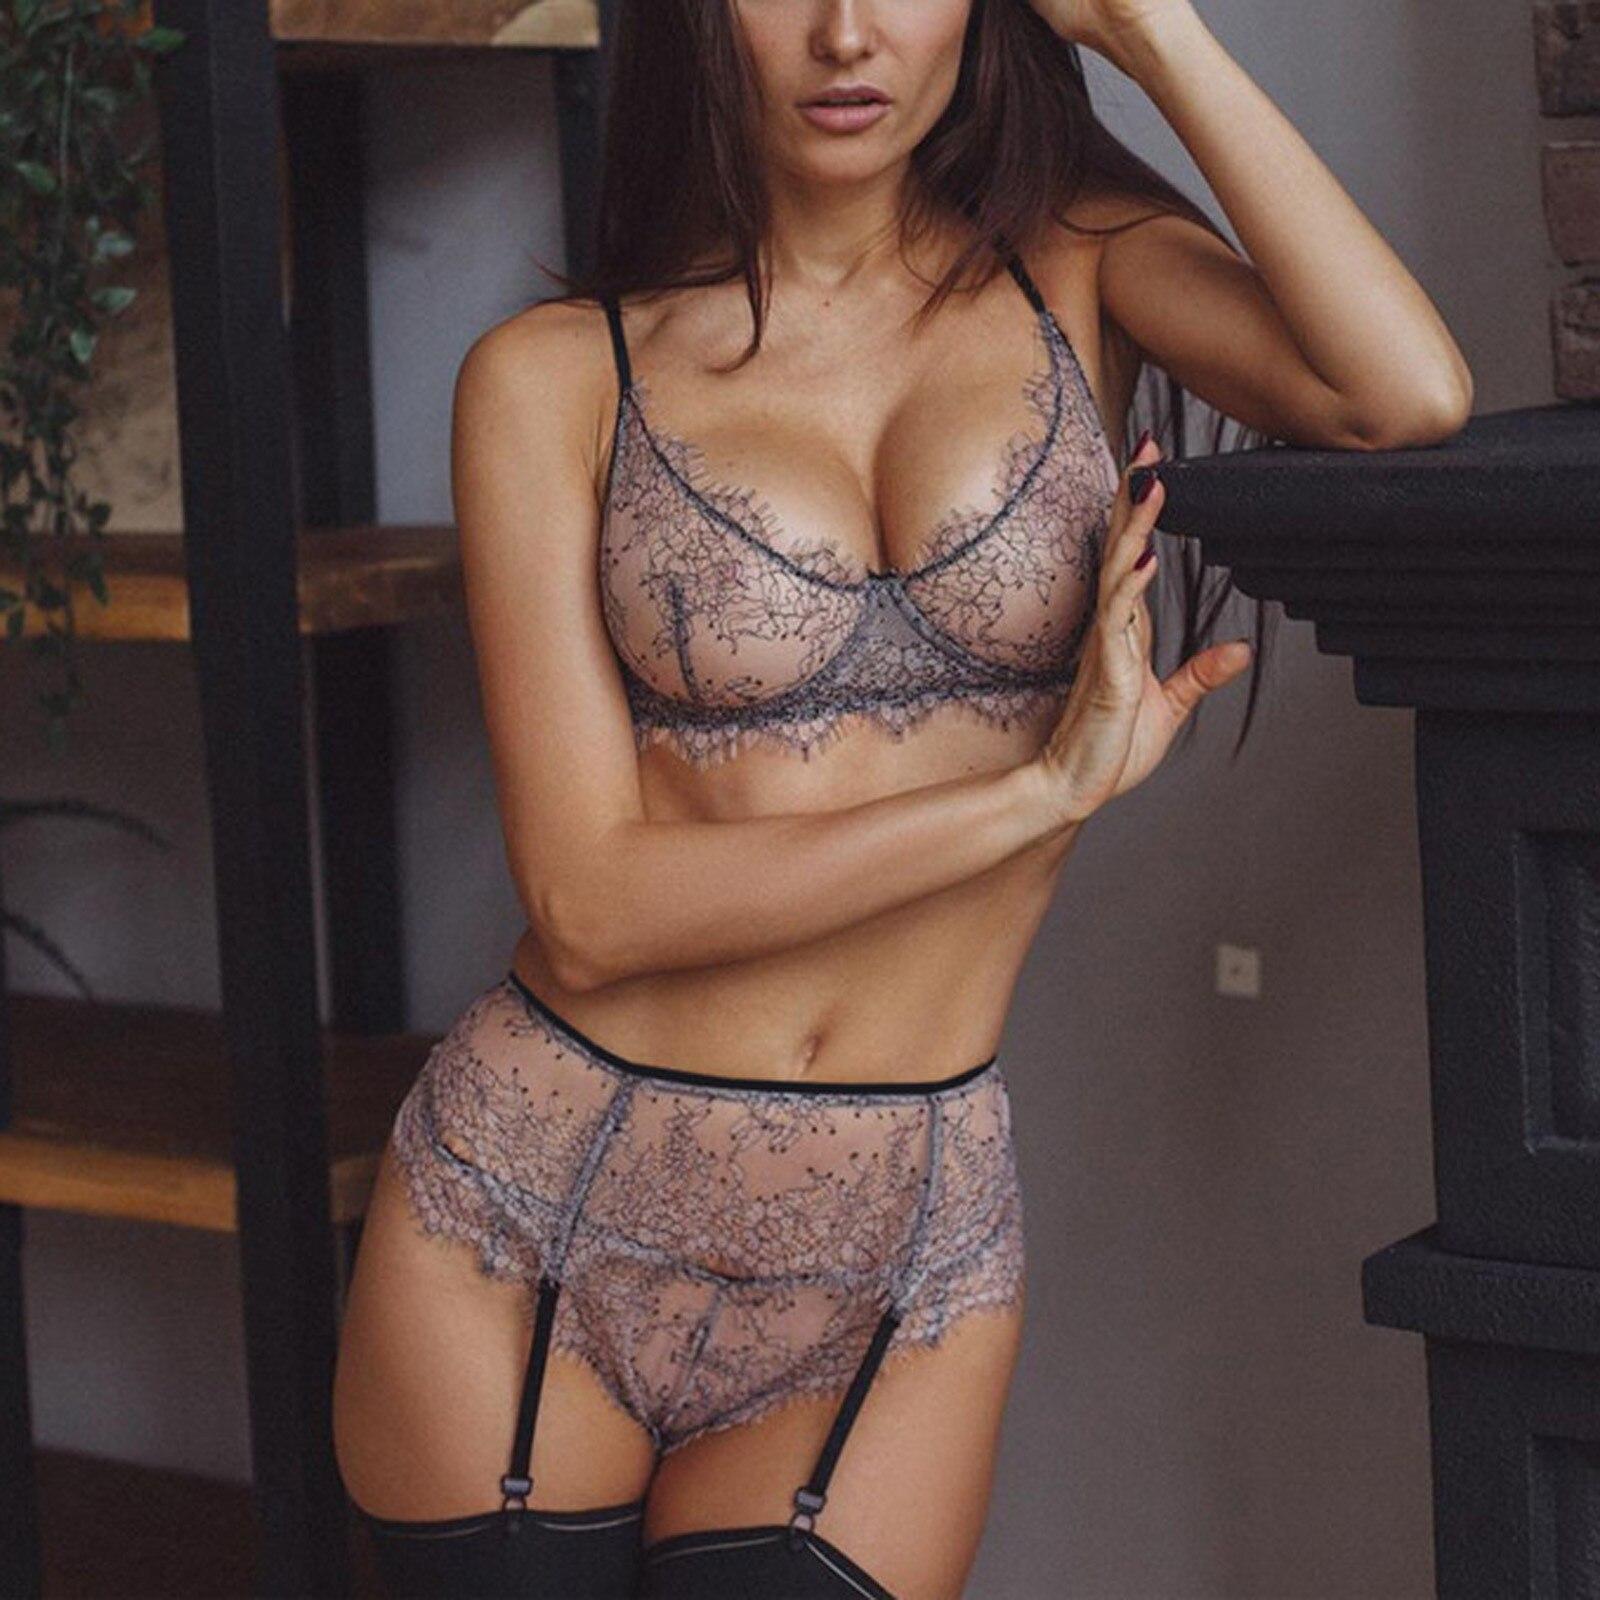 Conjunto de lencería Sexy para mujer, Liga de encaje de malla transparente, sujetador, conjunto de ropa interior, 3 uds.